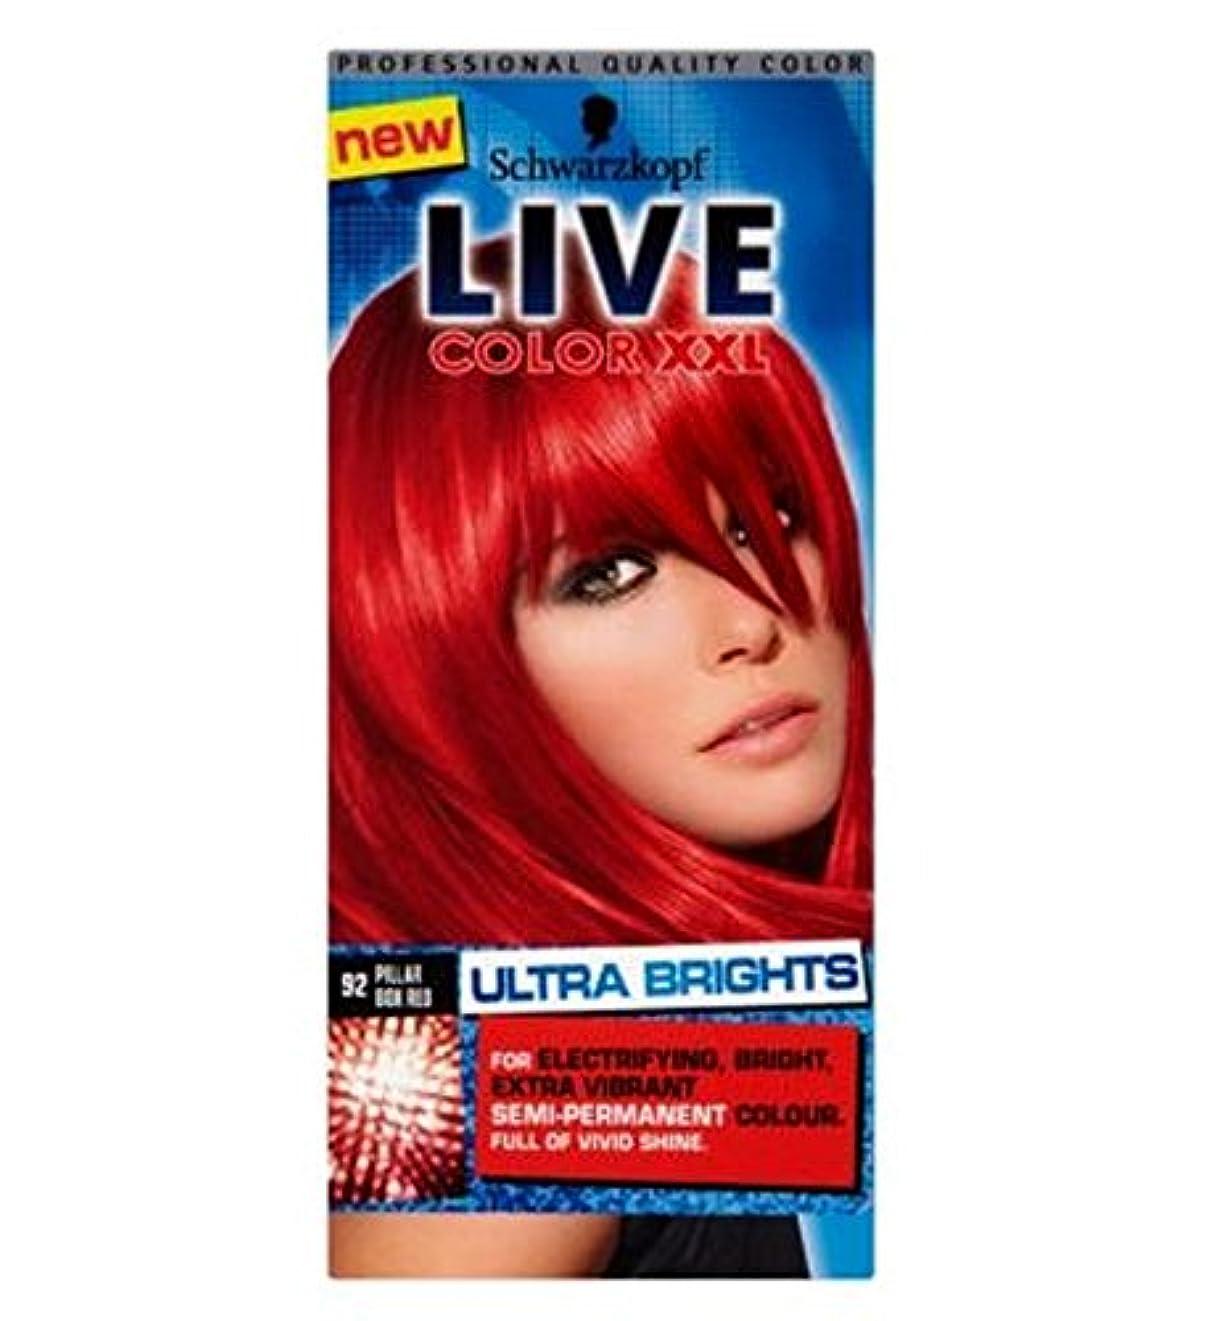 保証批判政府Schwarzkopf LIVE Color XXL Ultra Brights 92 Pillar Box Red Semi-Permanent Red Hair Dye - シュワルツコフライブカラーXxl超輝92ピラーボックス赤半永久的な赤い髪の染料 (Schwarzkopf) [並行輸入品]